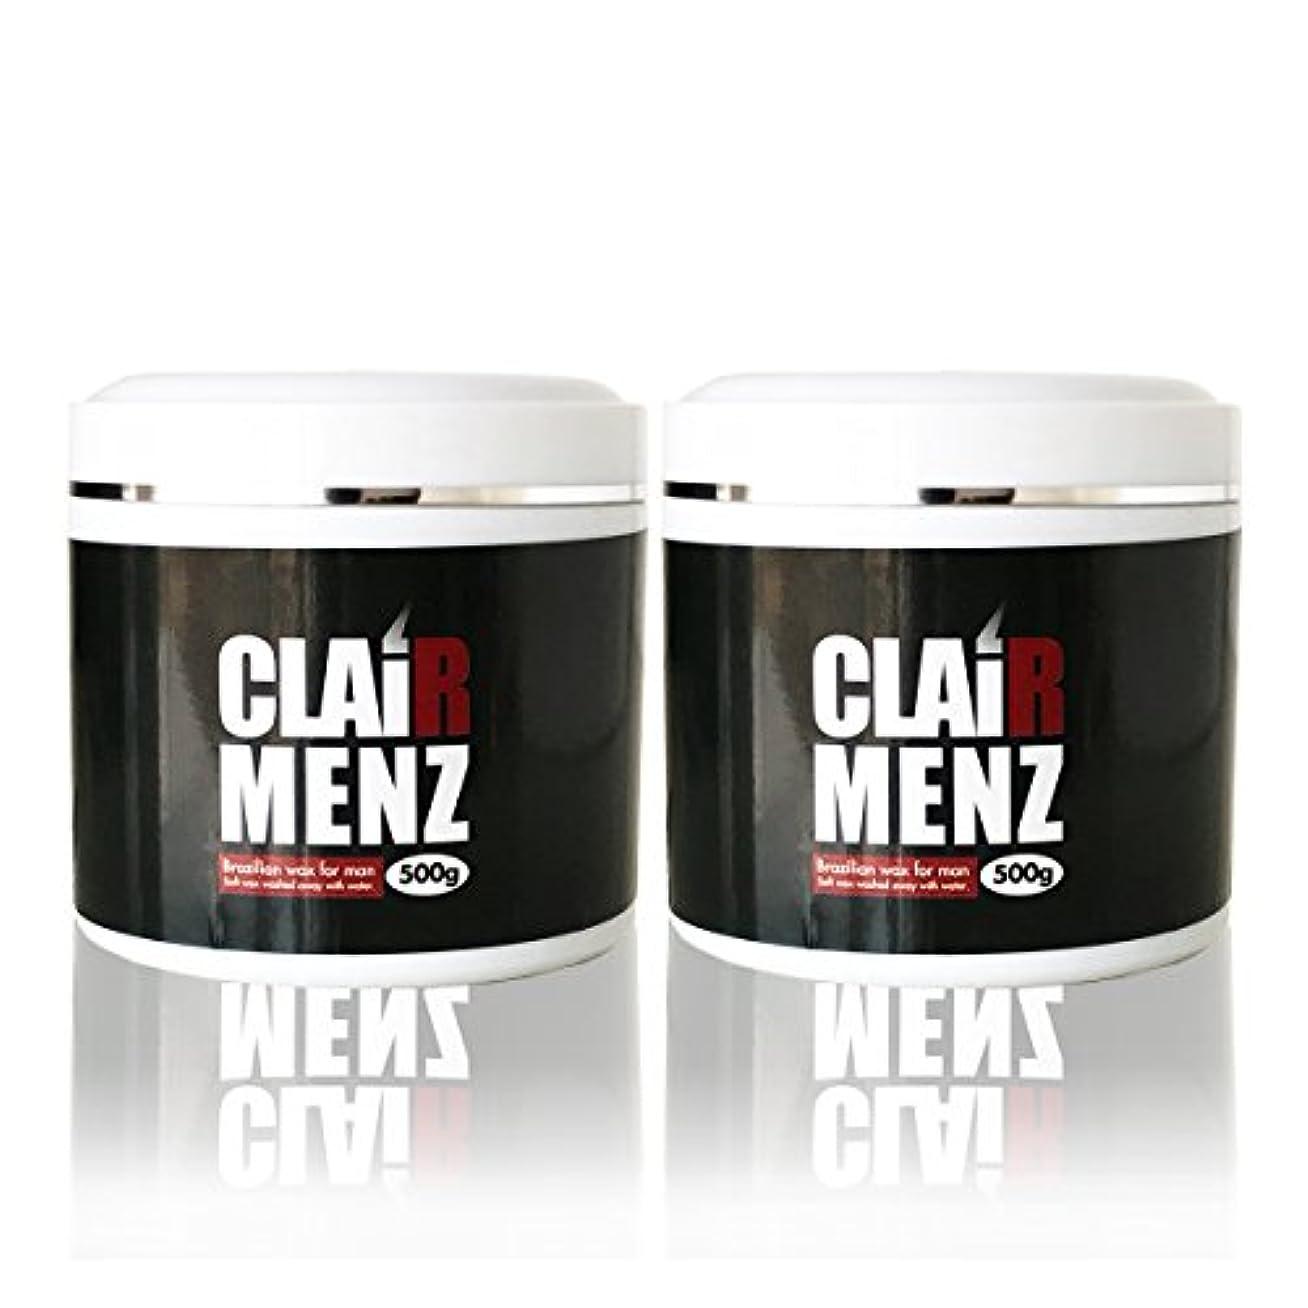 ターゲット傾向があるターゲットブラジリアンワックス メンズ専用 clair Menz wax 500g (単品2個セット) メンズ脱毛専用ラベル 無添加ワックス 脱毛